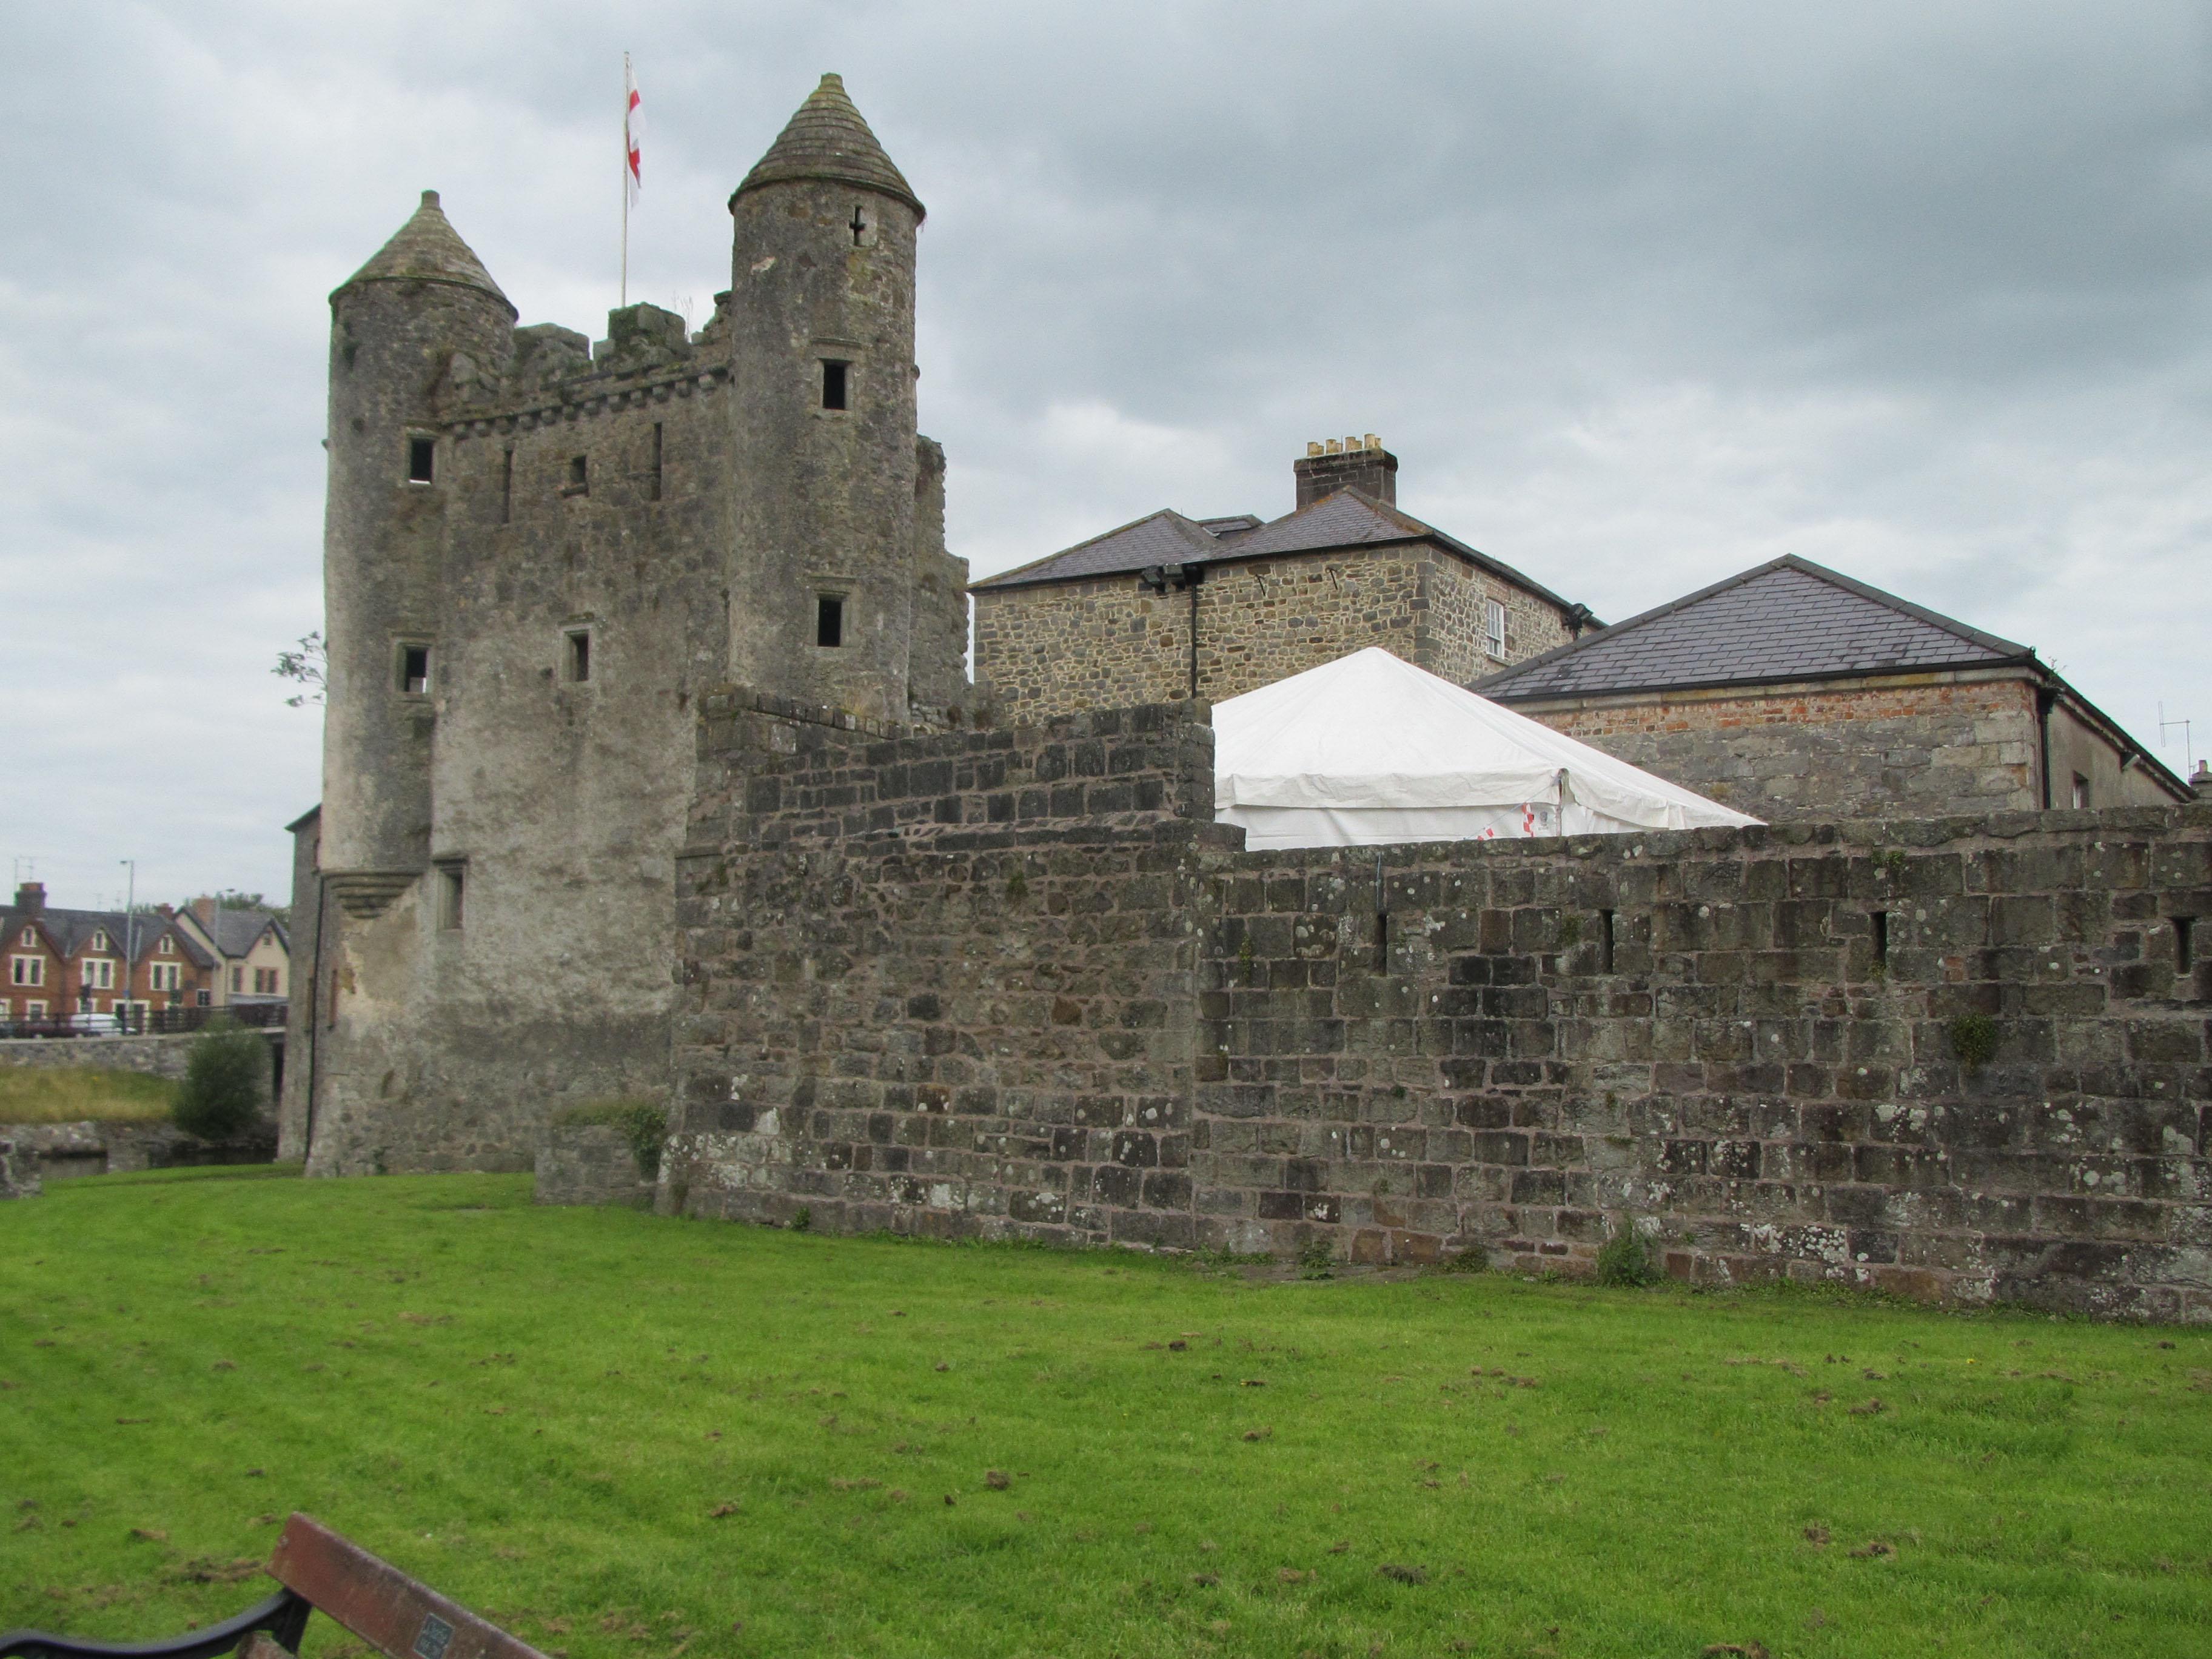 McGuire Castle in Enniskillen